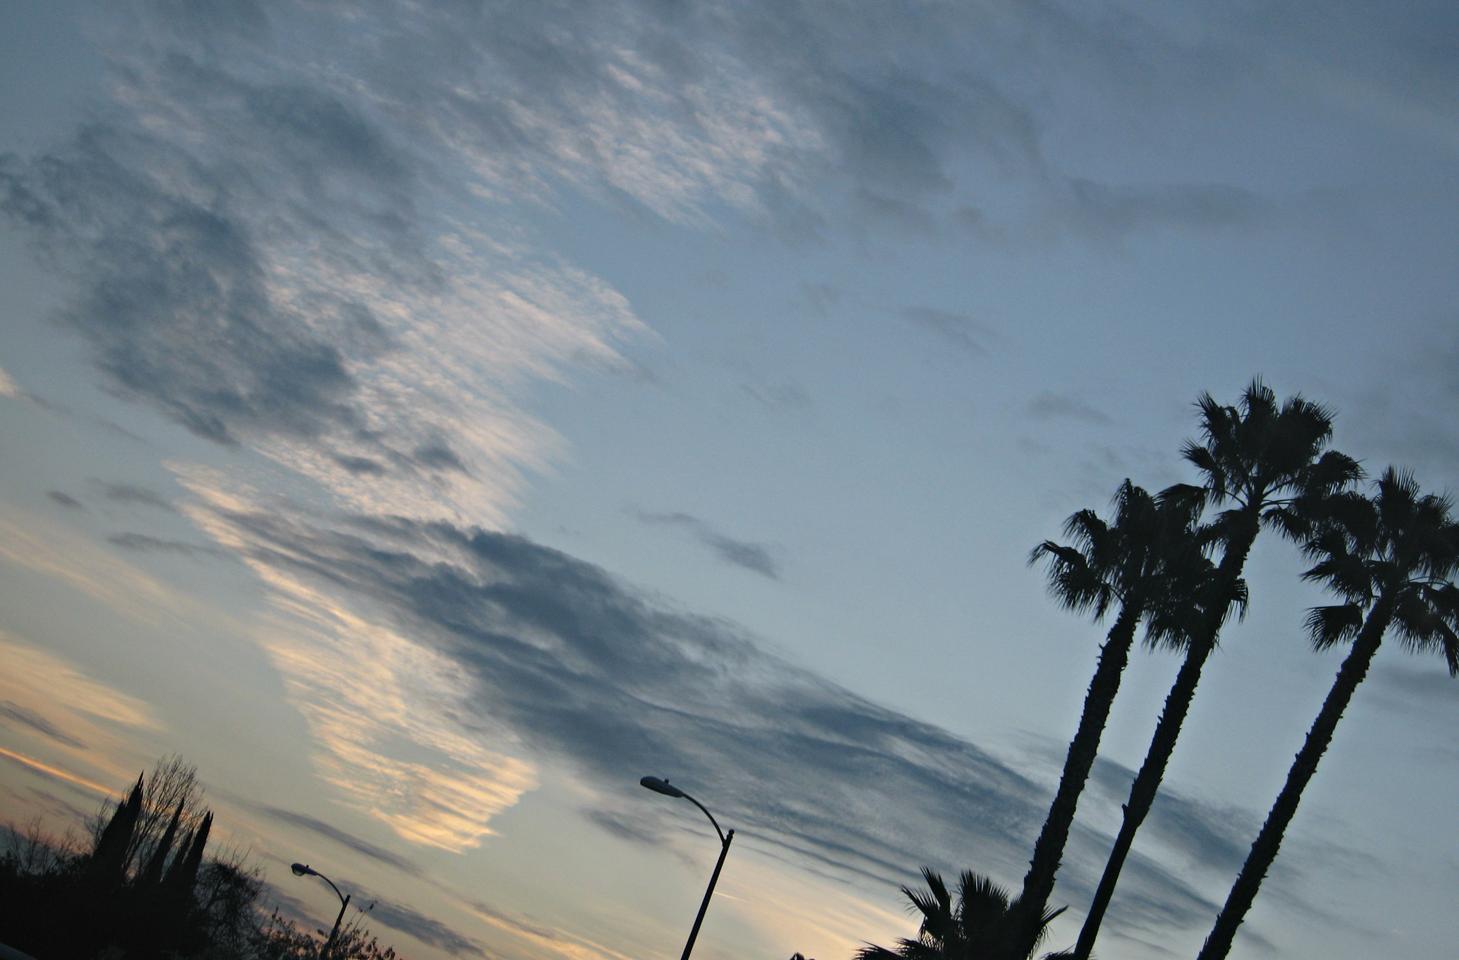 LA lately ...but so pretty